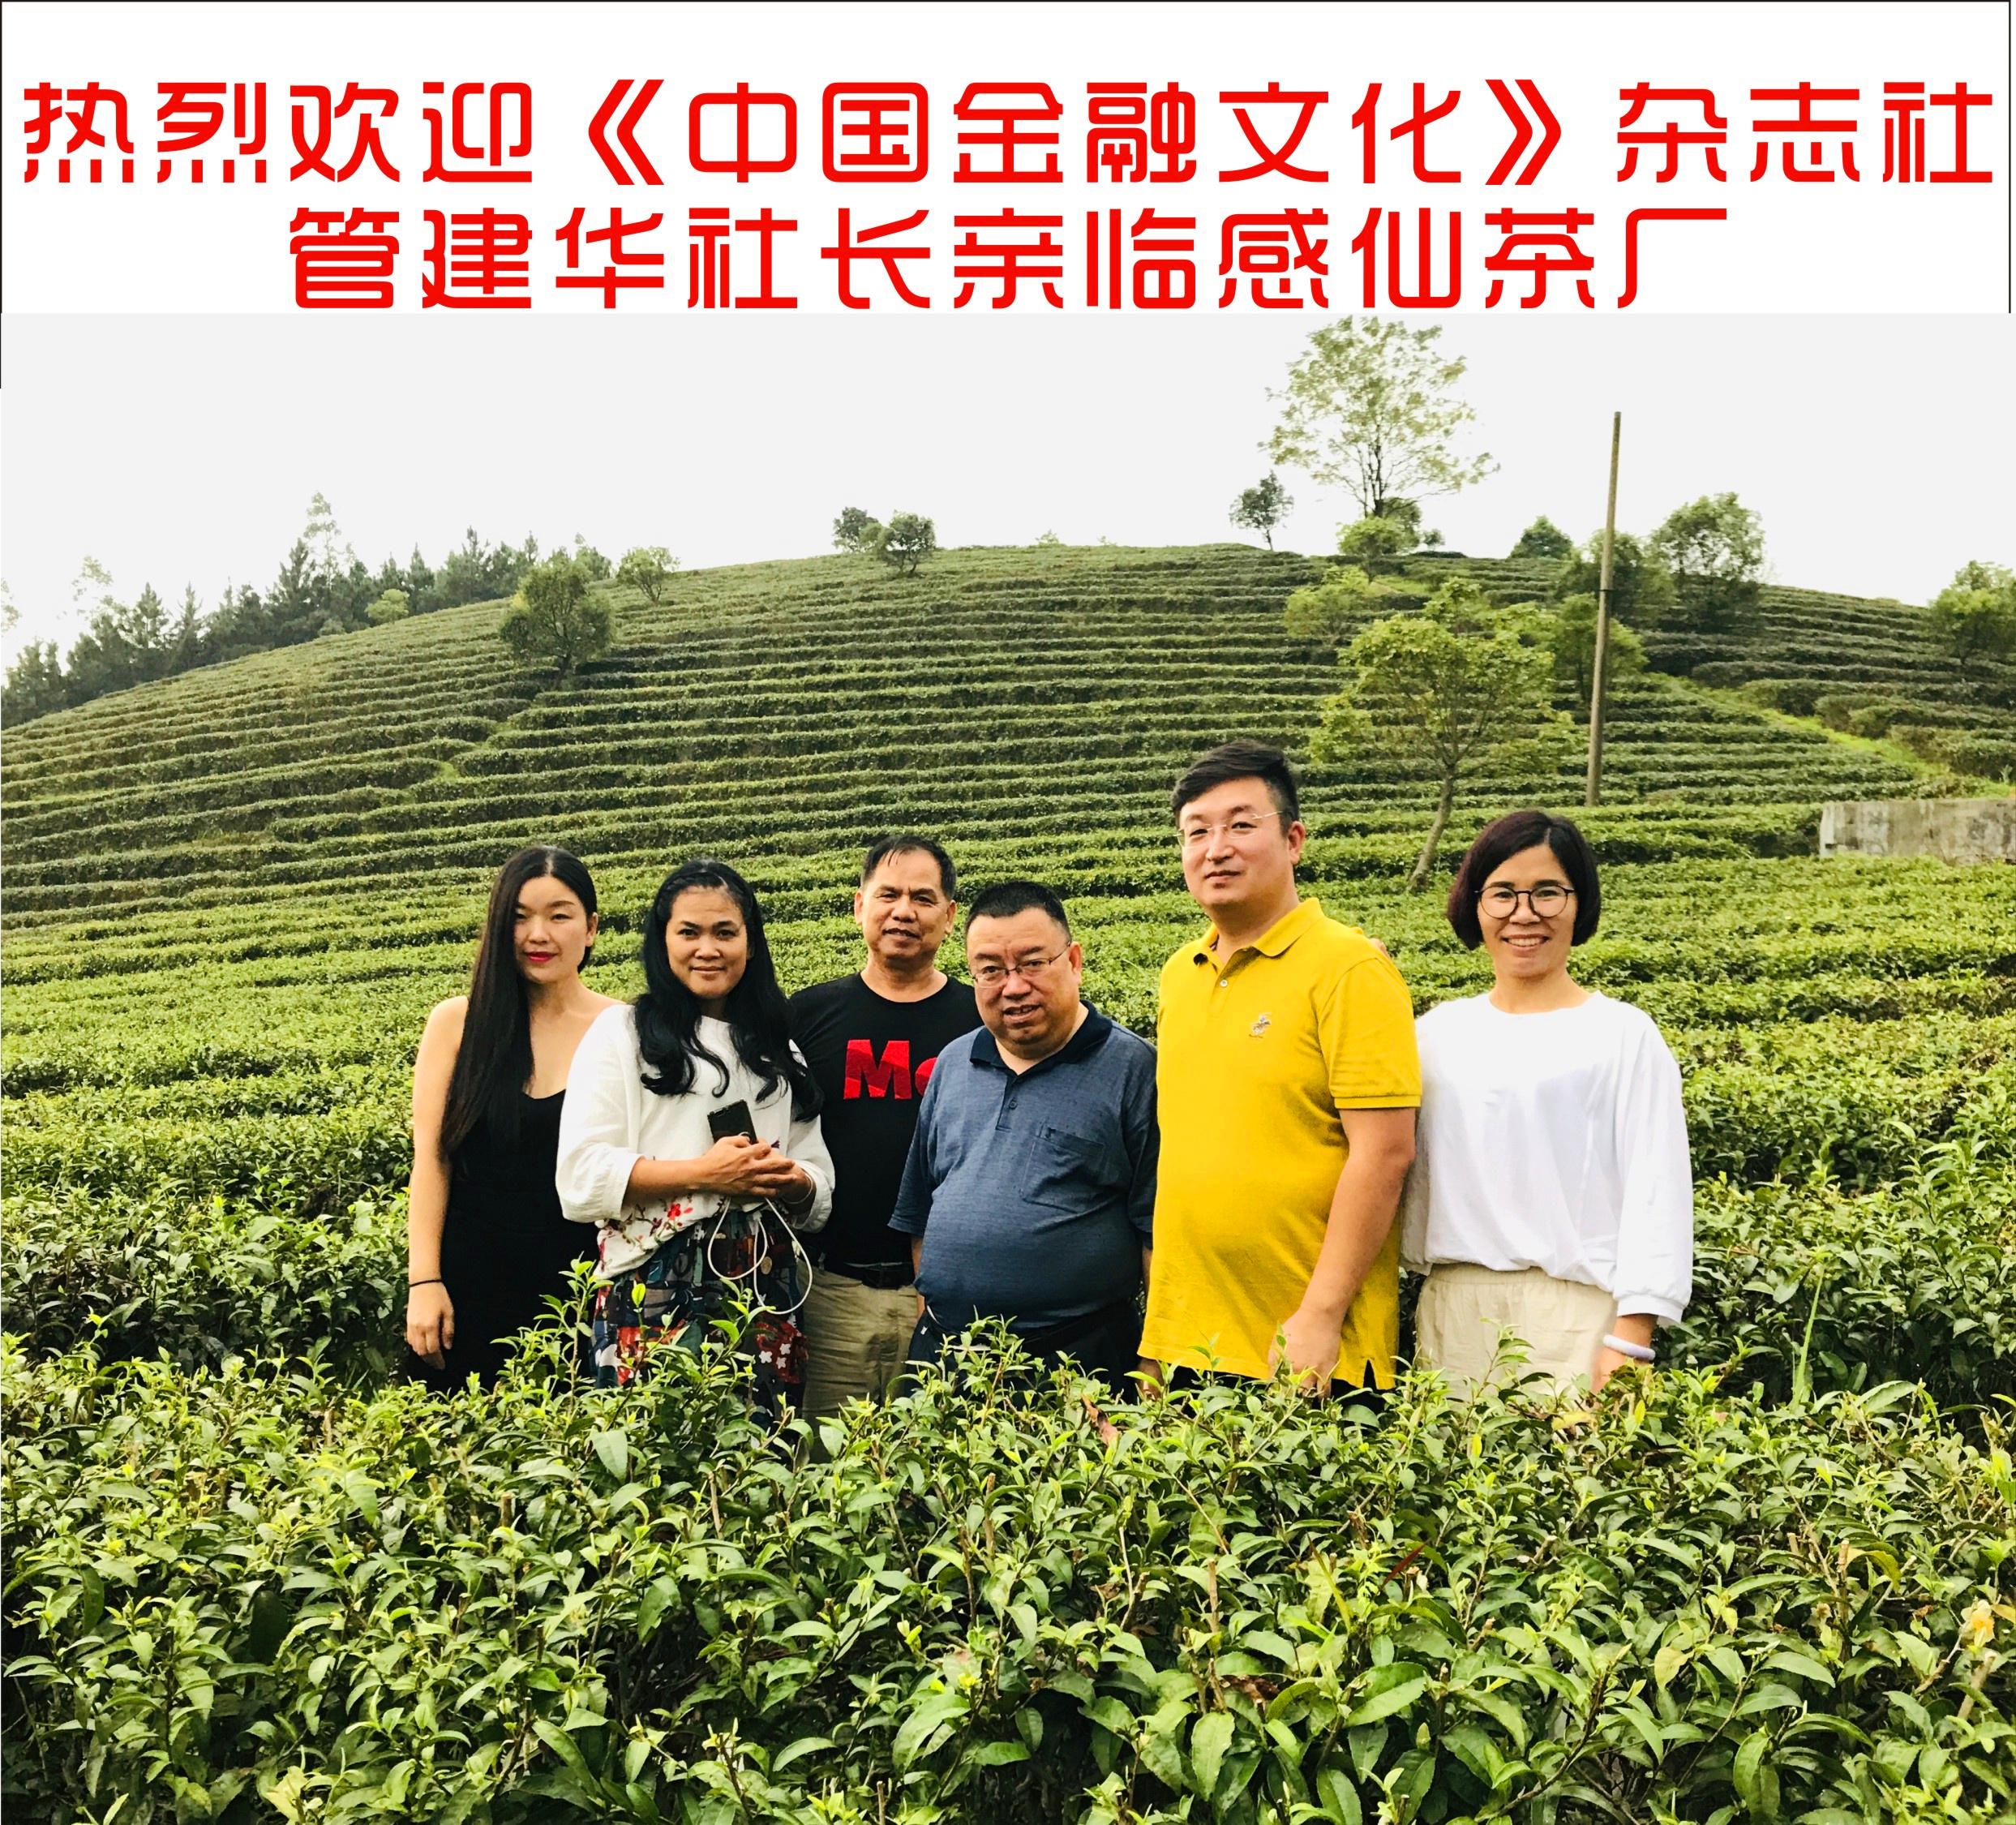 3b9c937622d146919d28c3cf8e5c49fe - 志社社长一行亲临感仙茶厂首页通知中国金融文化杂